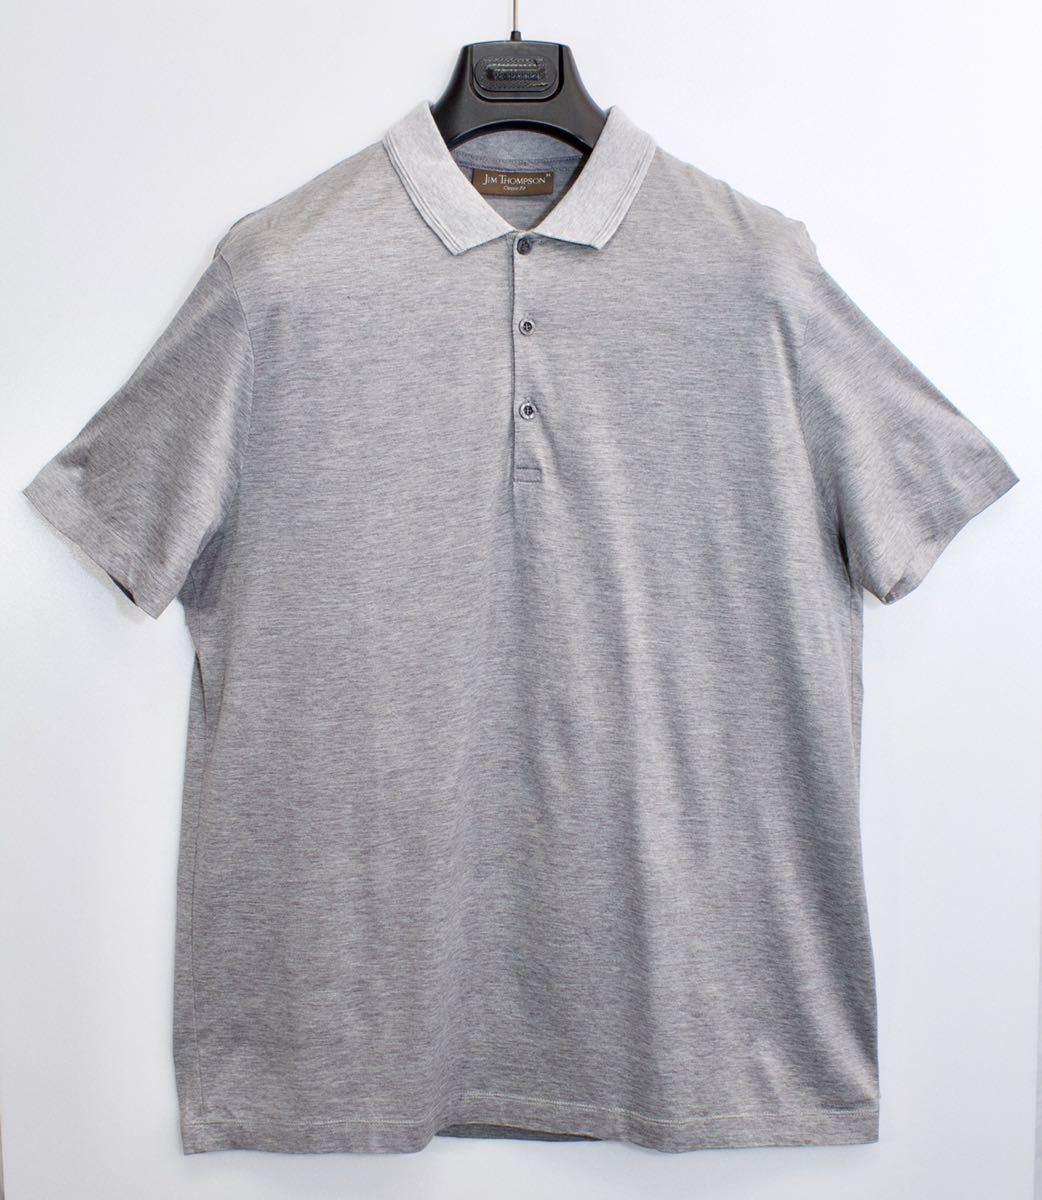 [未使用品] 定価約3万 ジムトンプソン 高級 シルクコットン ポロシャツ 半袖 JIM THOMPSON ドレス フォーマル 無地 グレー M